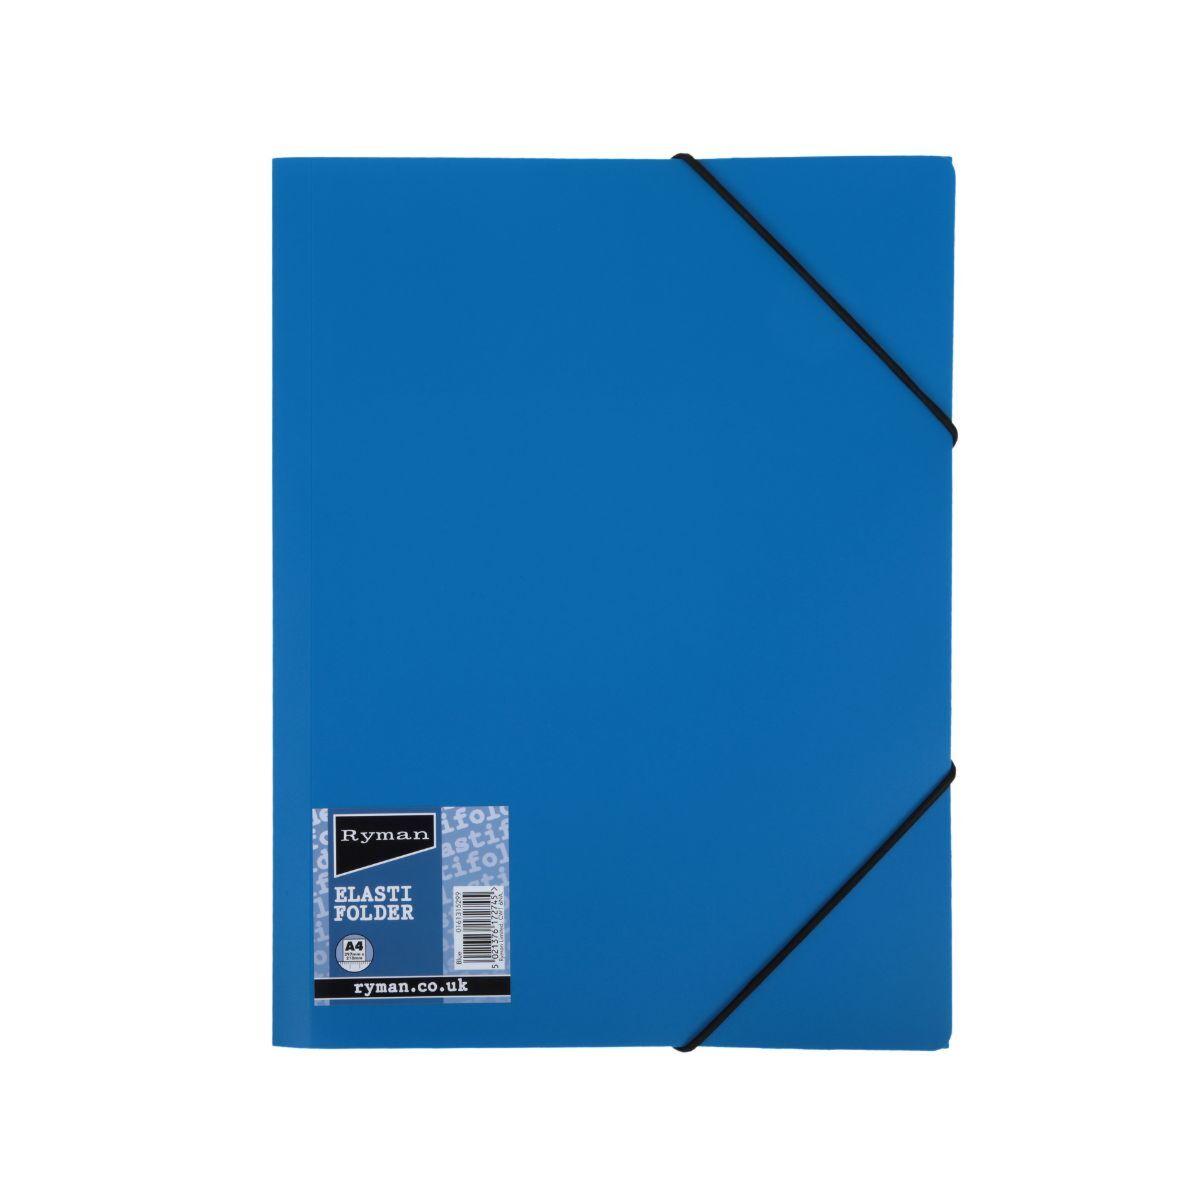 Ryman Elasti Folder A4 Blue